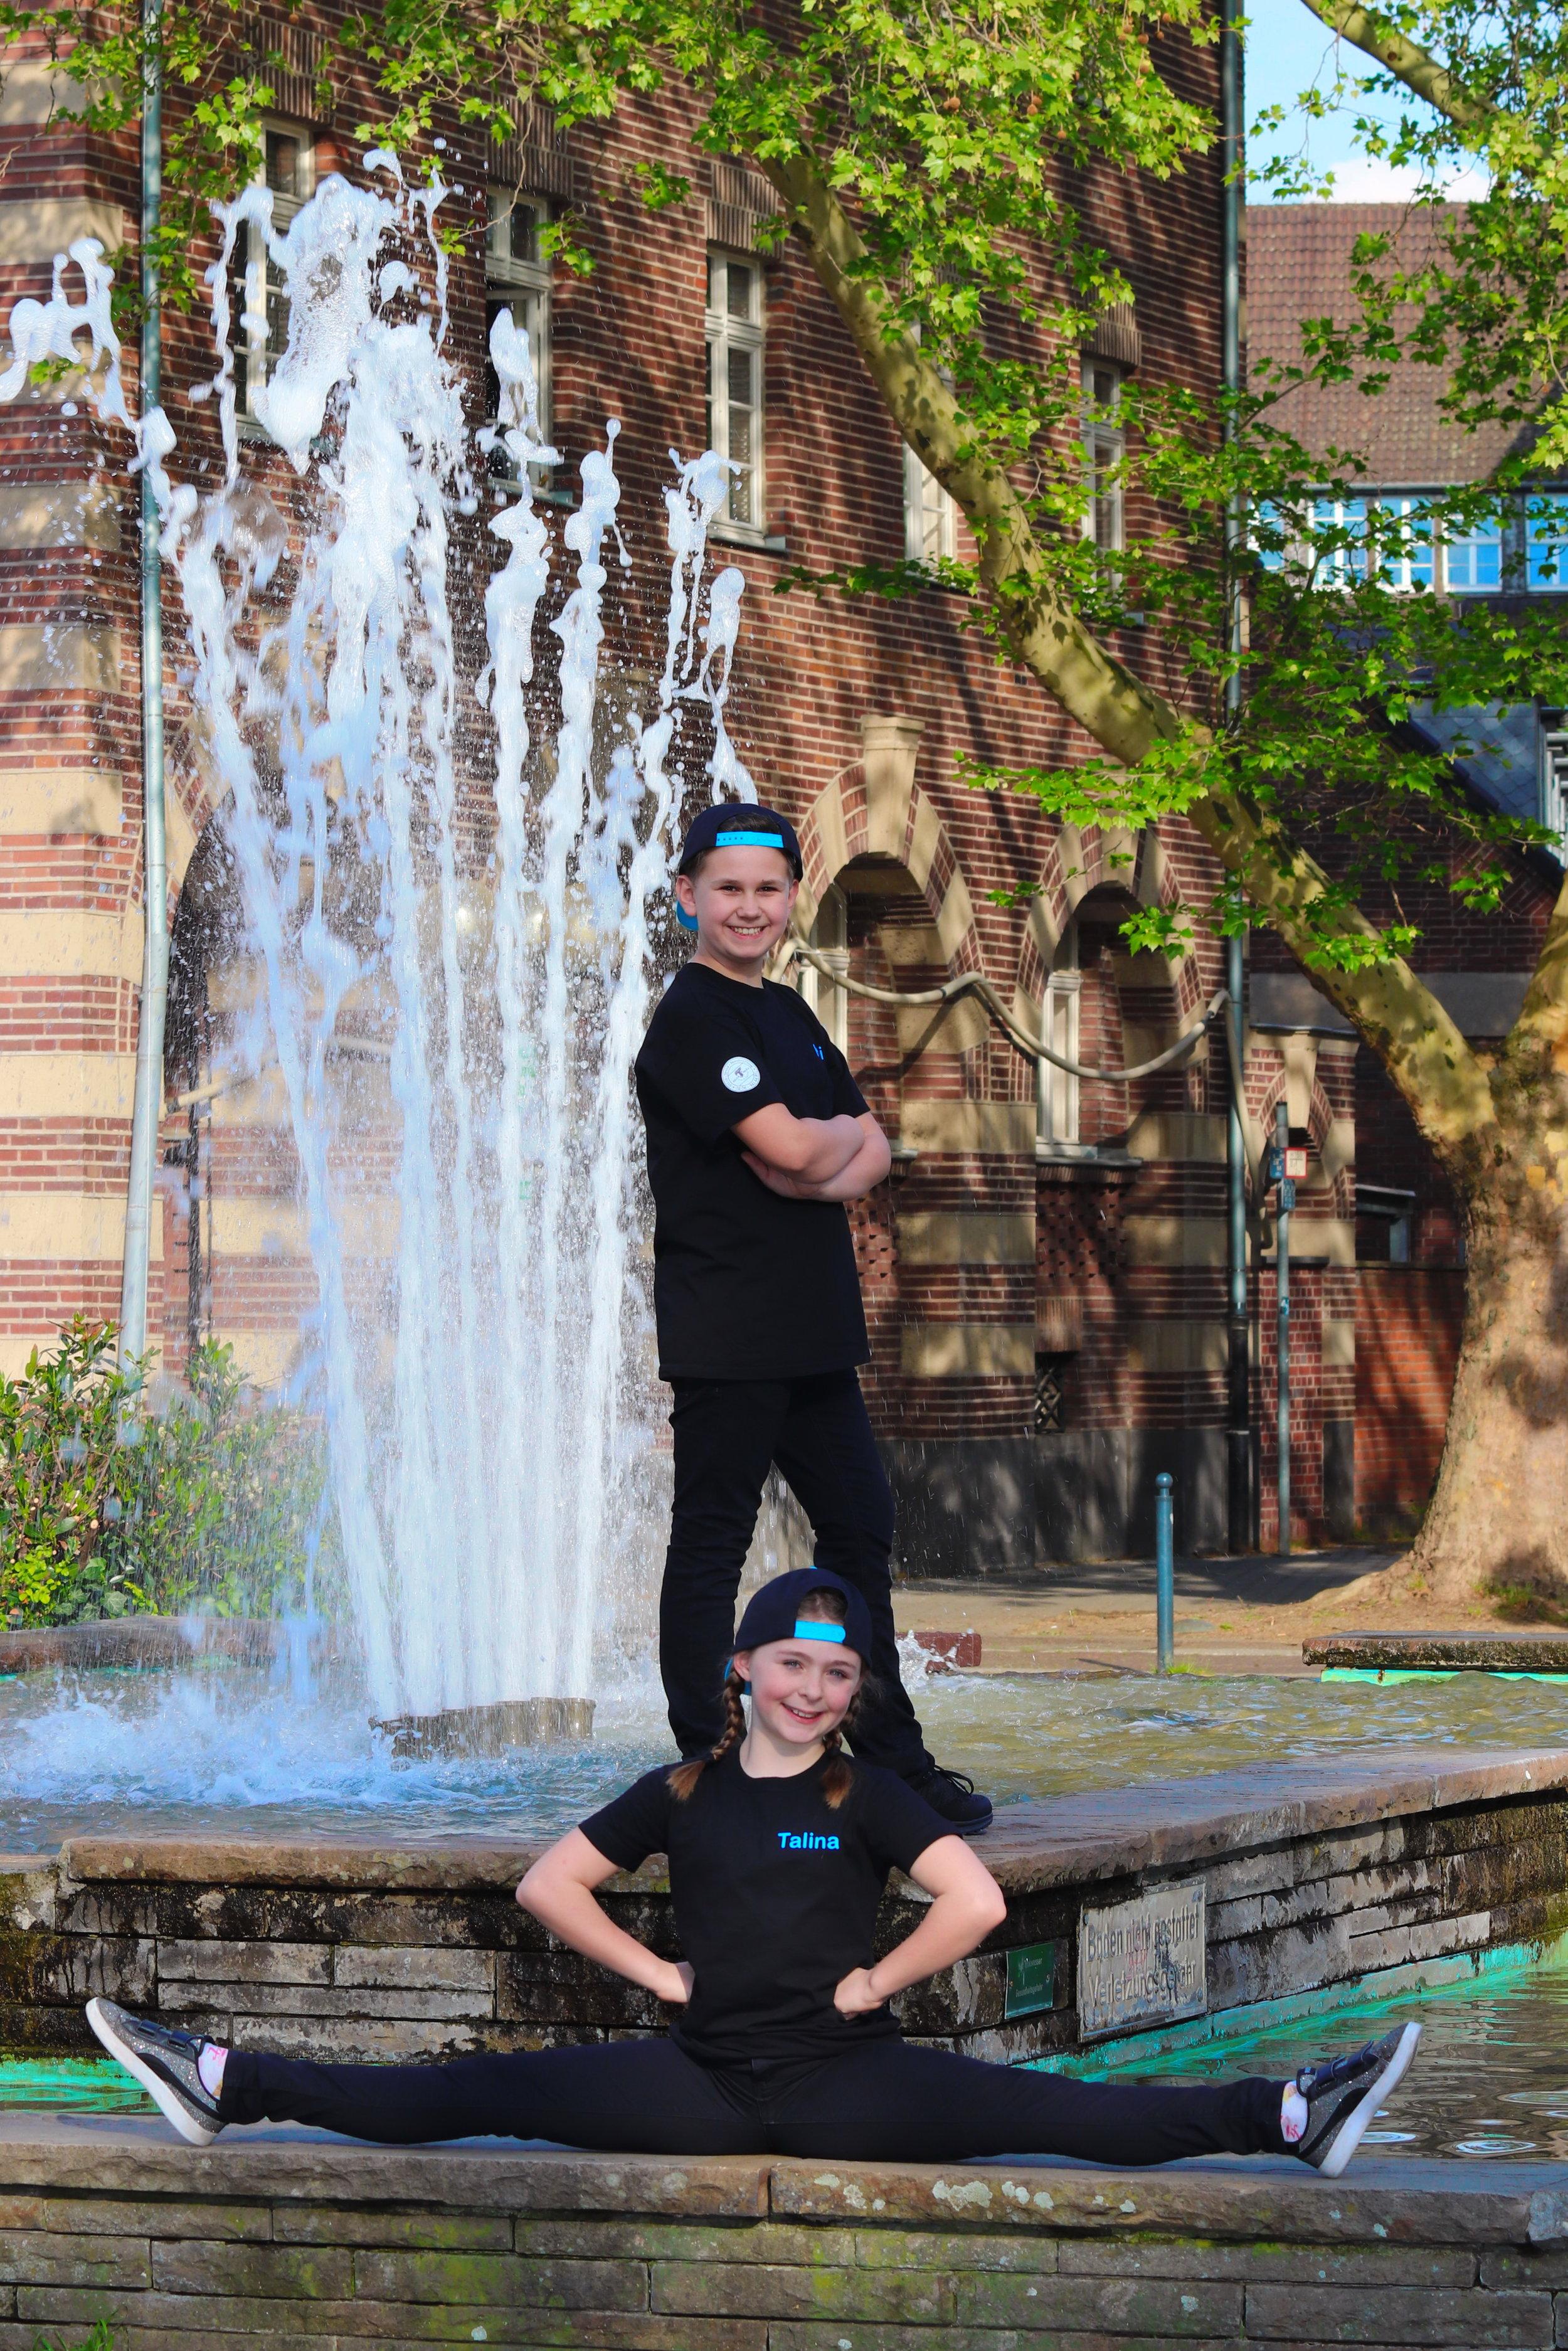 Kinderprinzenpaar steht in den Startlöchern - Das Kinderprinzenpaar der Stadt Oberhausen steht in den Startlöchern. Bereits Ende März wurden Talina Peters und Kai Liegmann von den Delegierten des Hauptausschuß Groß-Oberhausener Karneval einstimmig bestätigt.